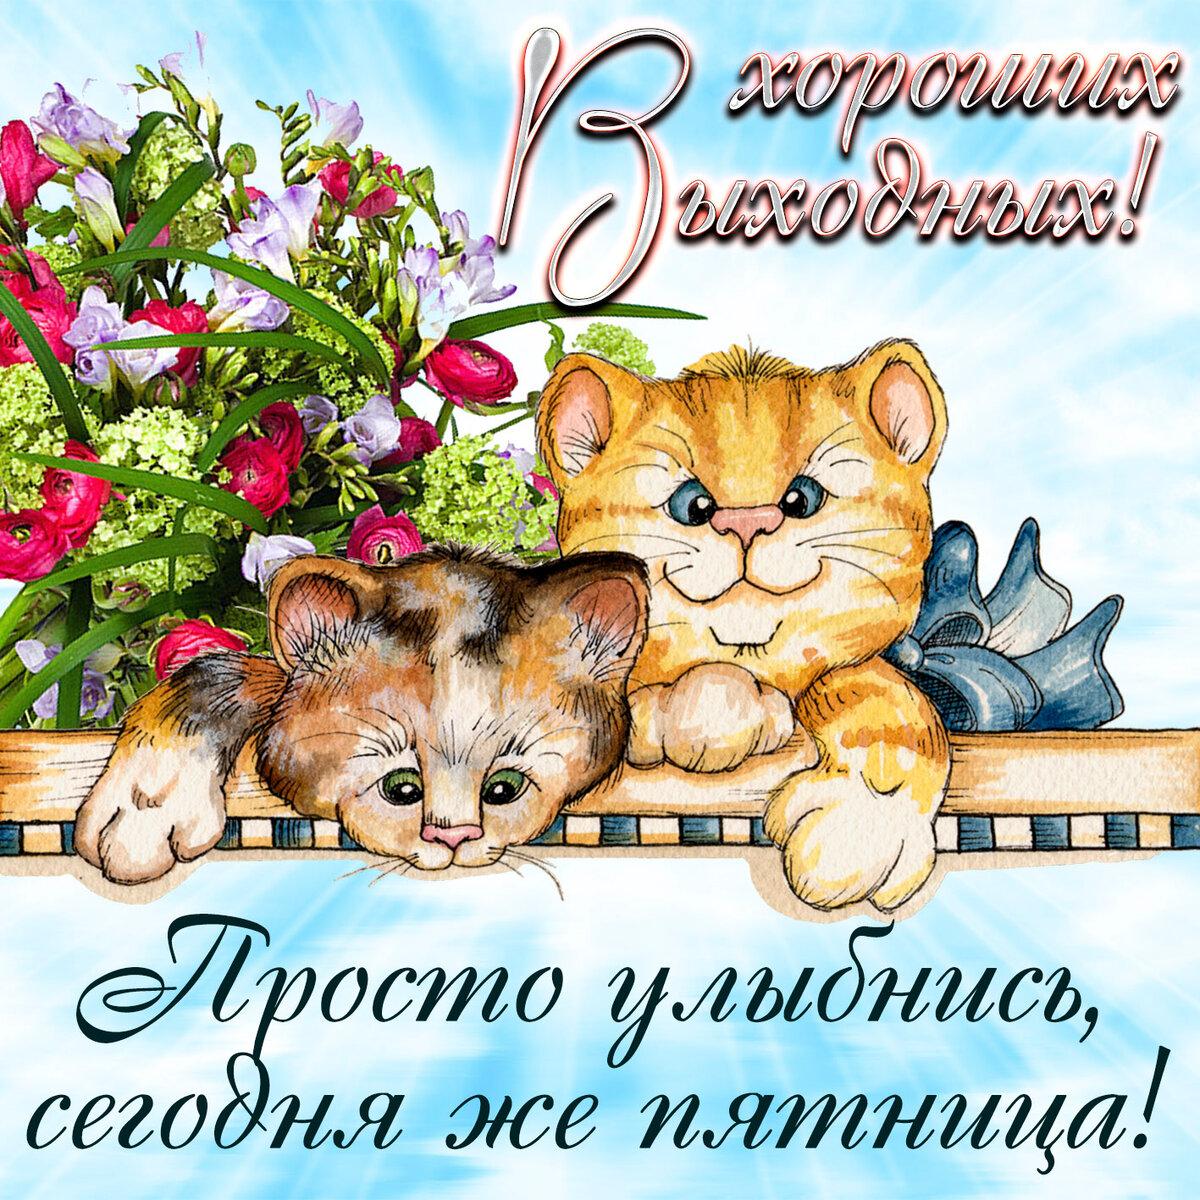 Спасибо большое, открытки с пожелания хороших выходных